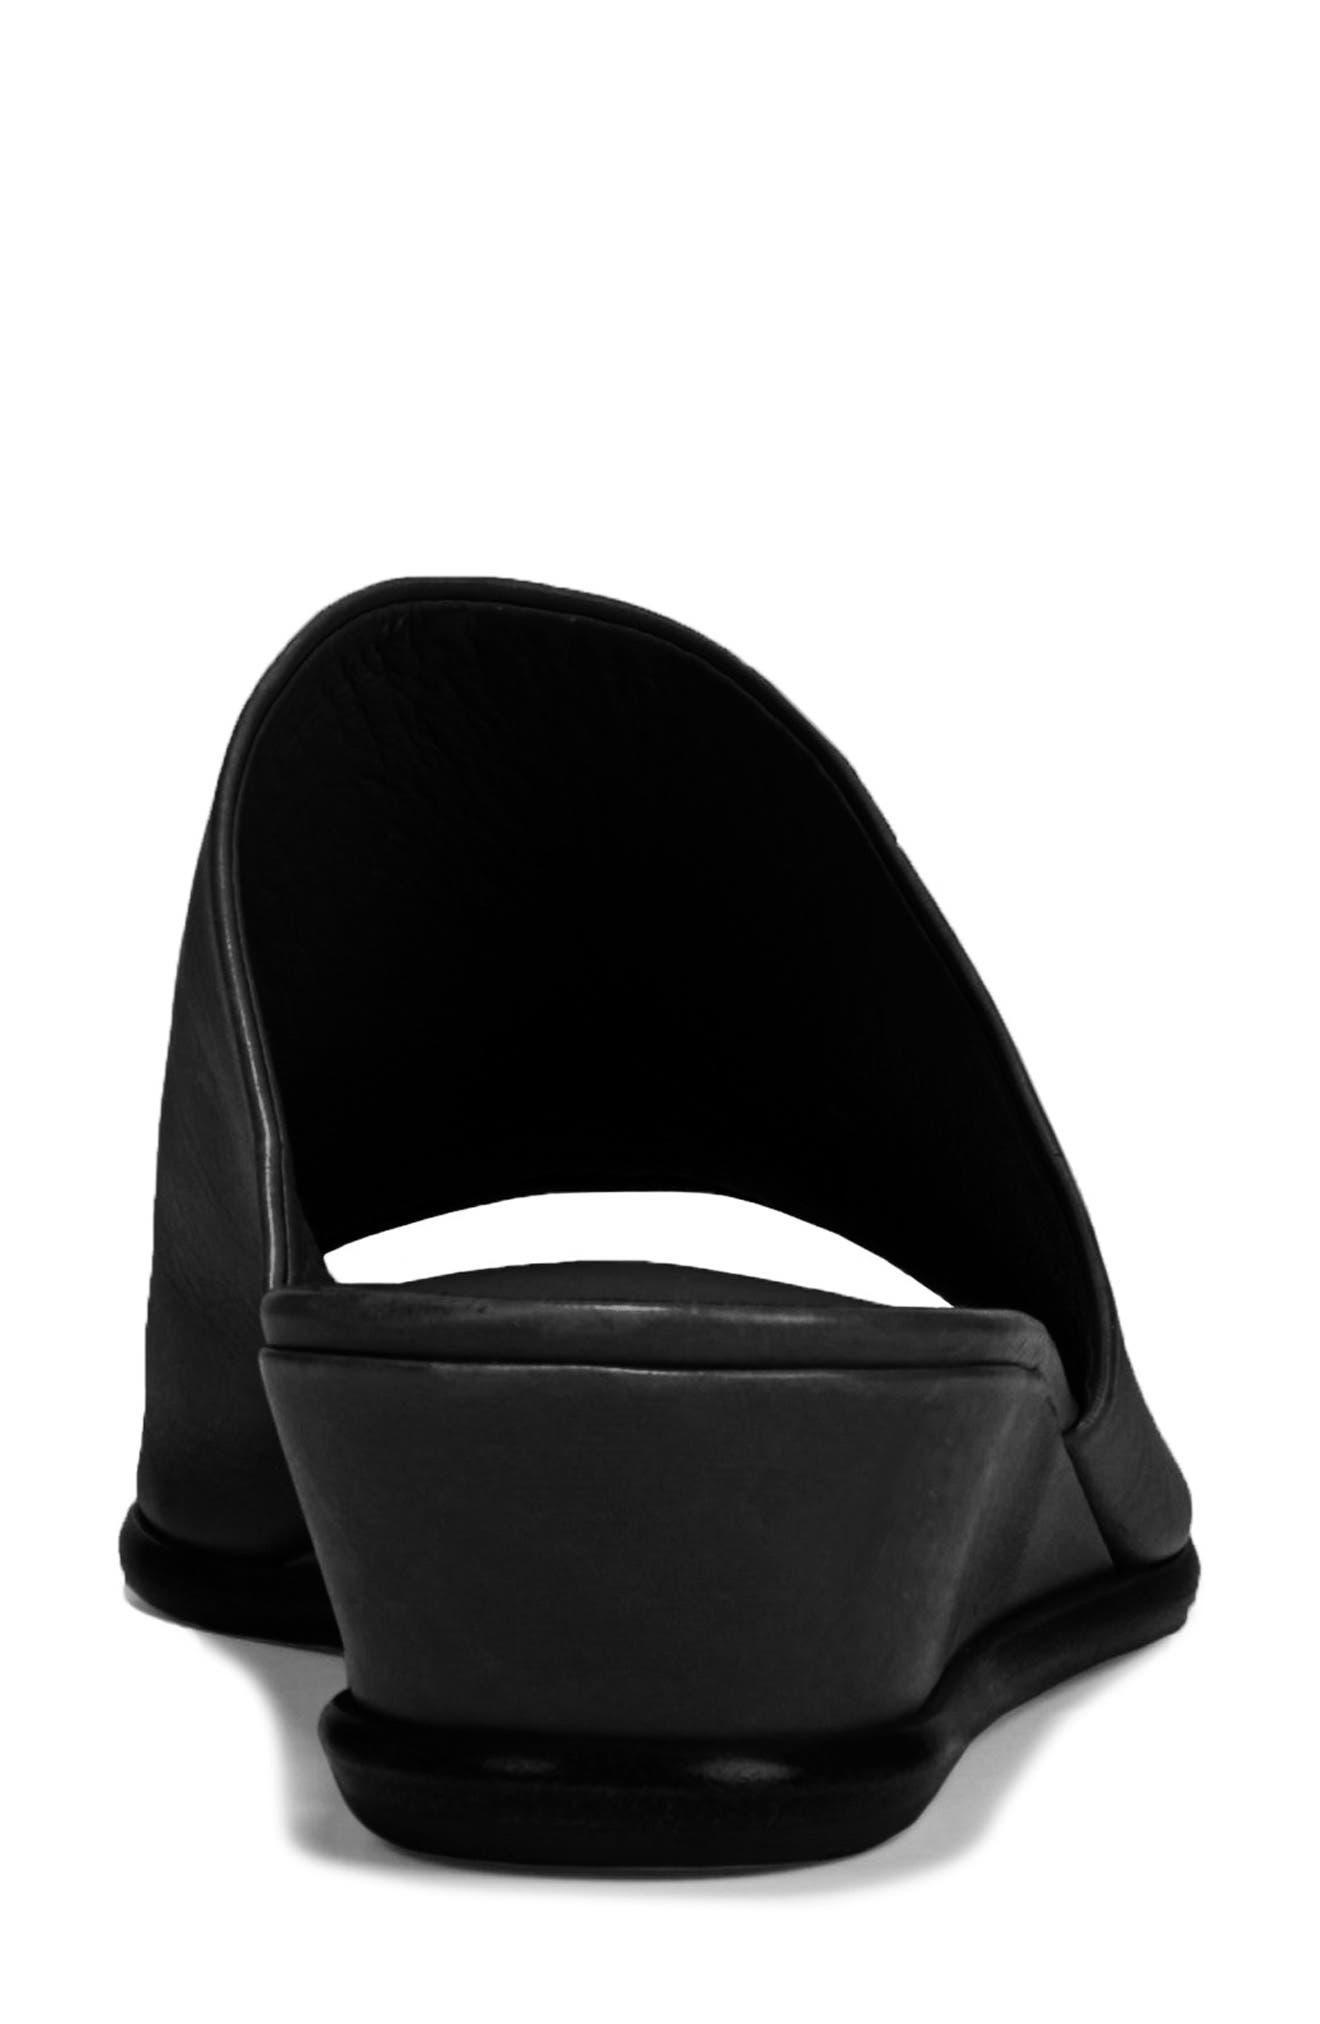 VINCE, Duvall Asymmetrical Wedge Sandal, Alternate thumbnail 7, color, BLACK